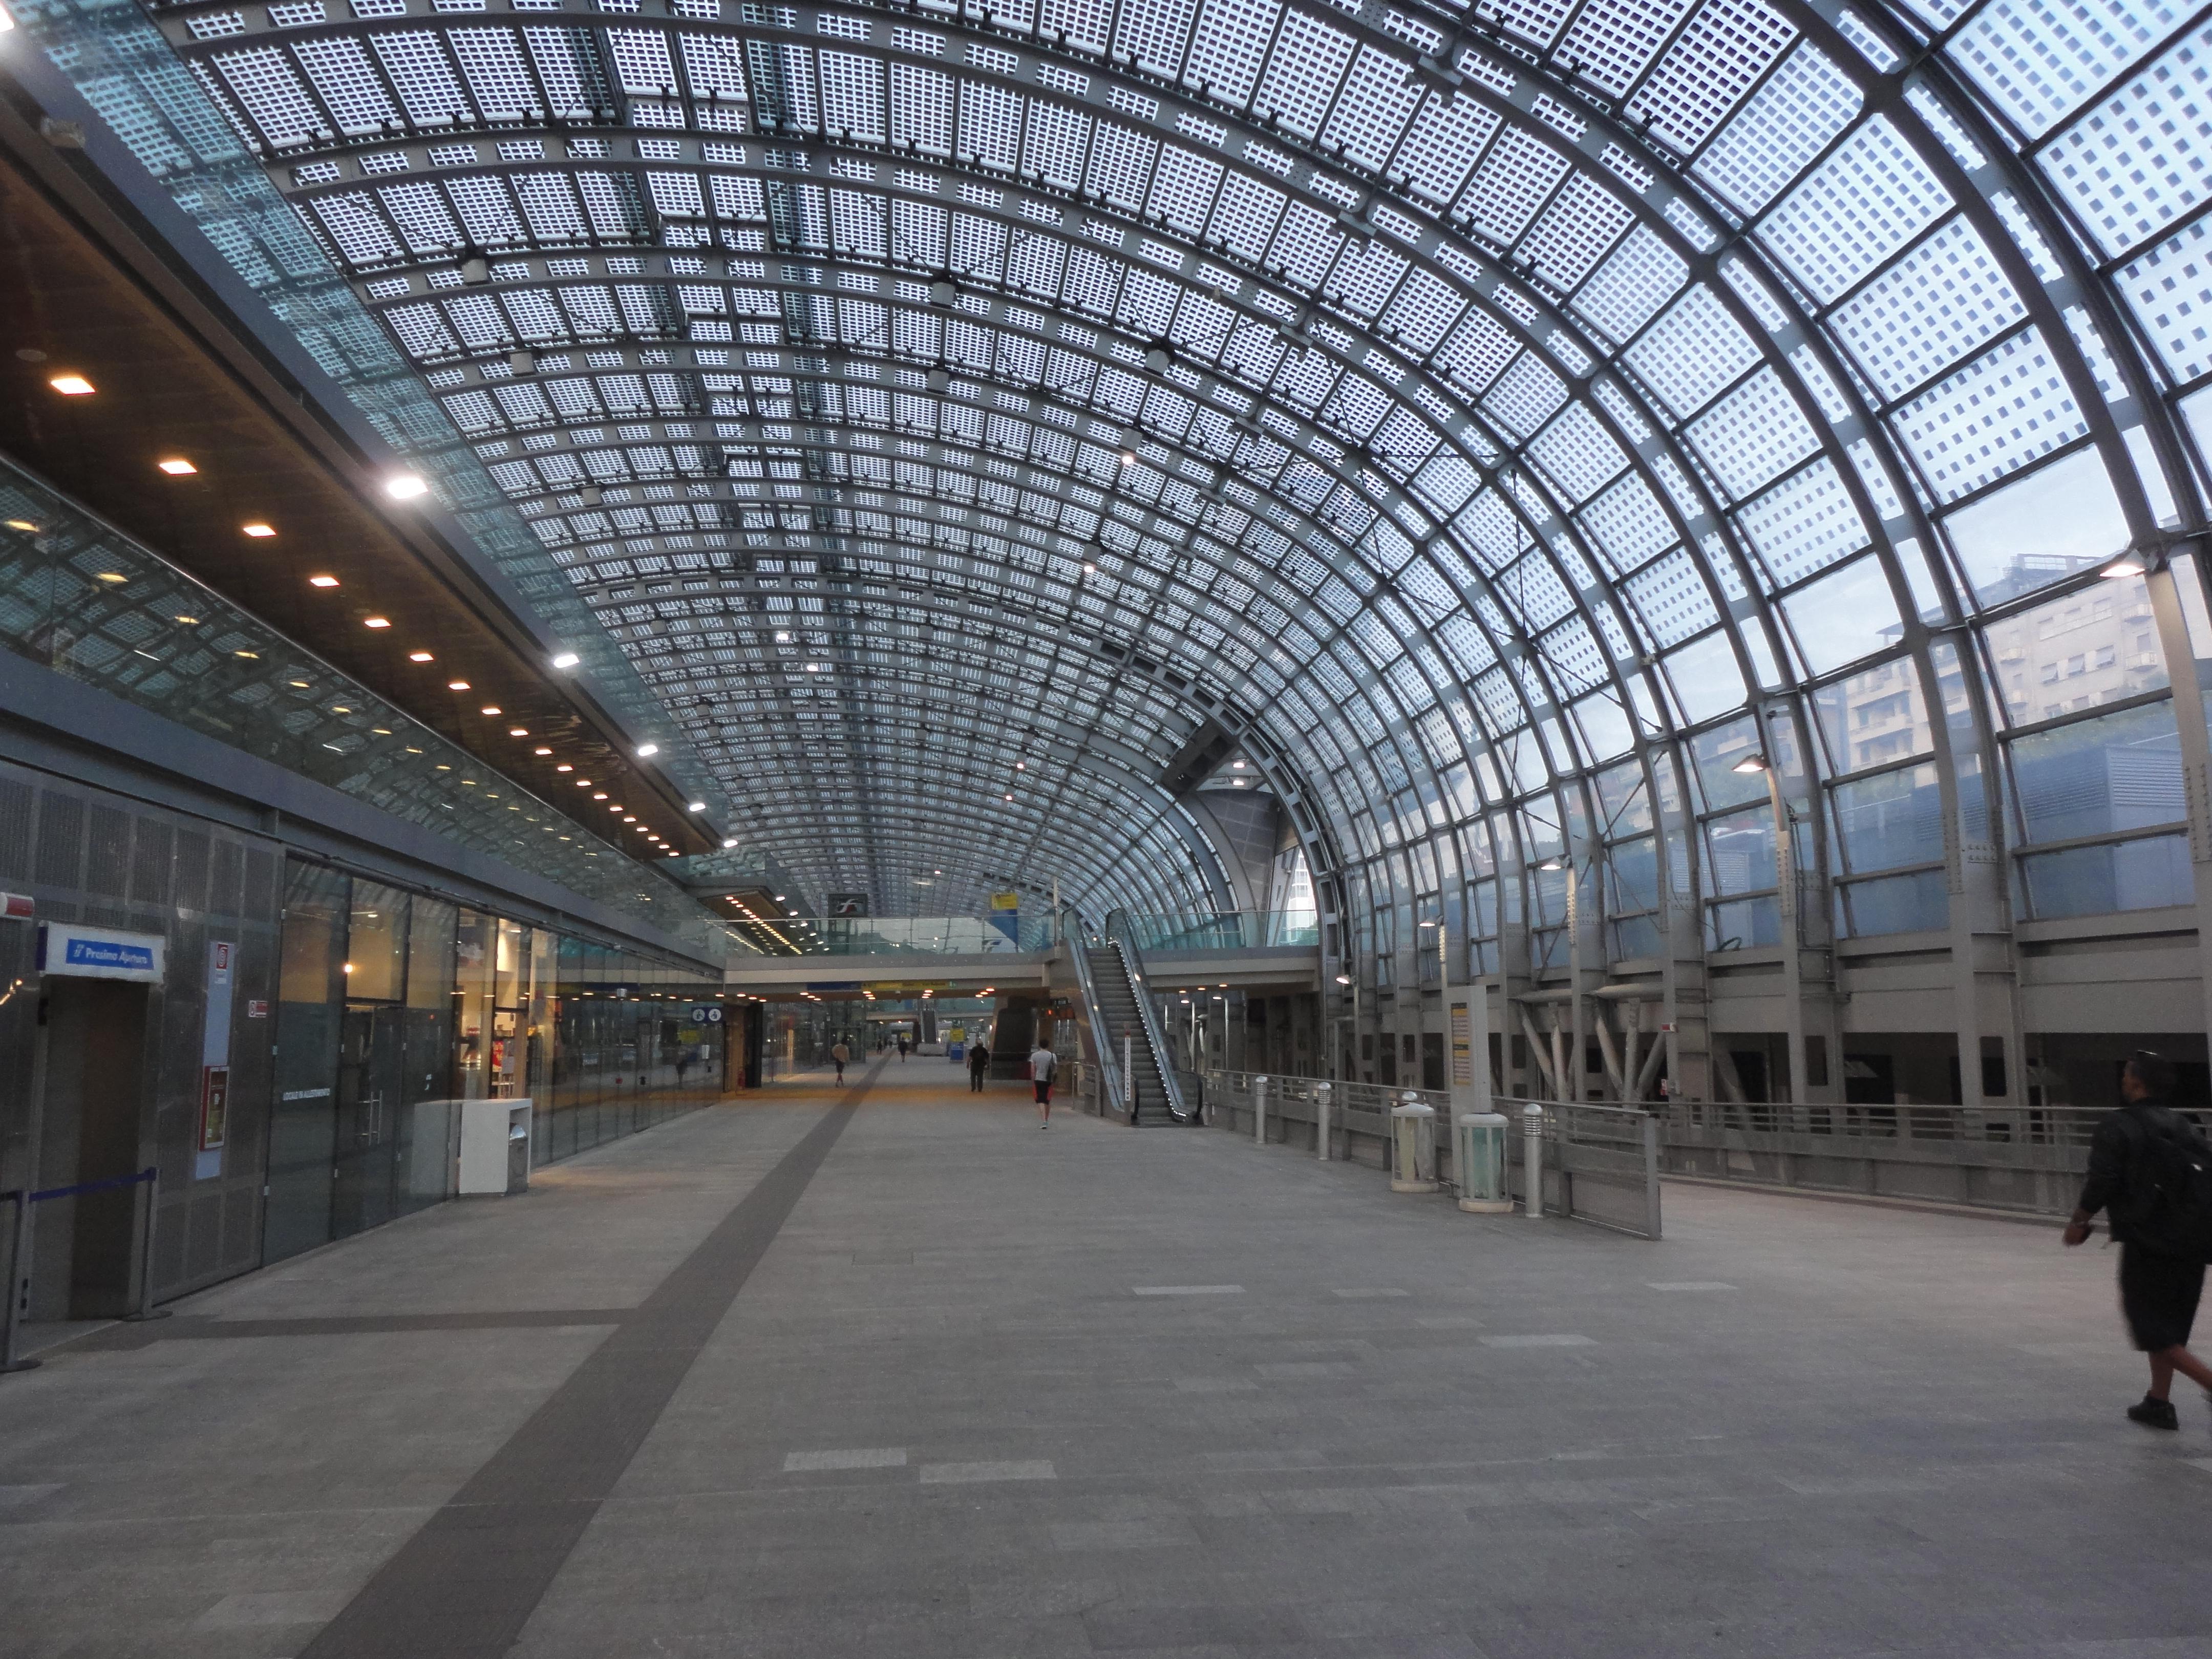 Stazione sotterranea torino porta susa il blog di romano - Treni porta susa ...